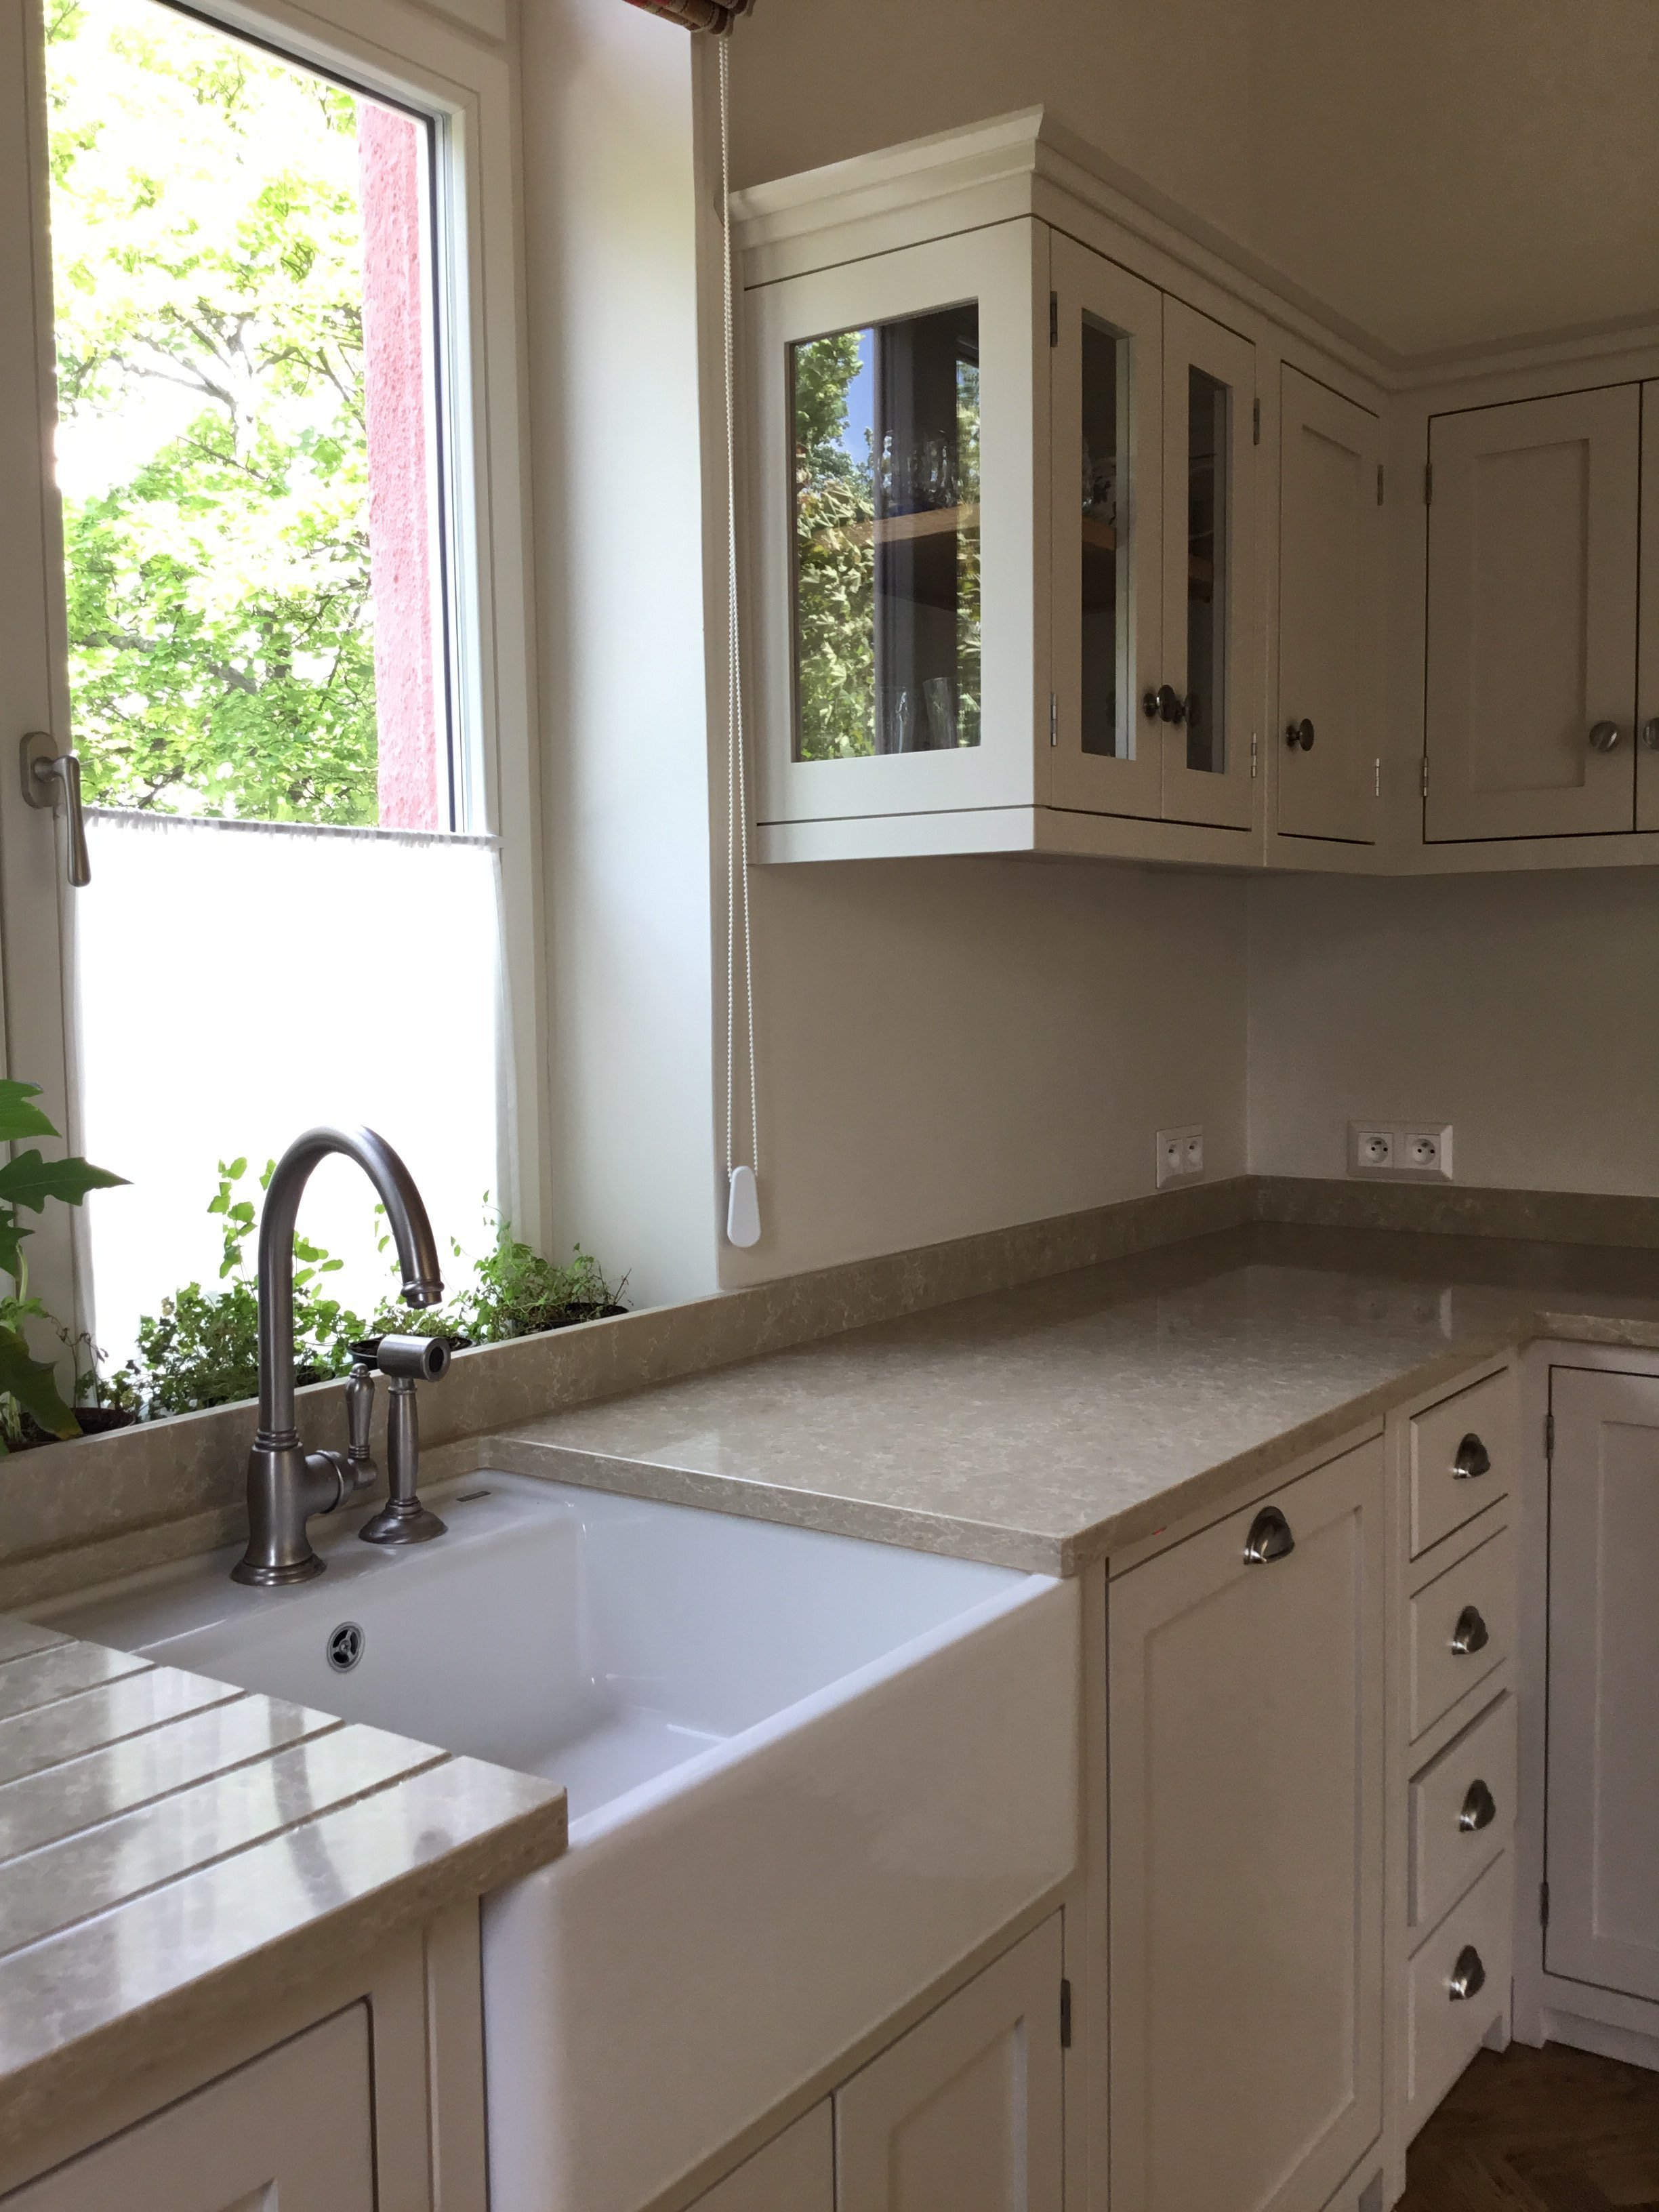 Do vily na Ořechovce jsme mimo jiného nábytku, vyrobili také tuto krásnou kuchyni v anglickém stylu. Je vyrobena z masivního tvrdého dřeva a ručně natřena.…